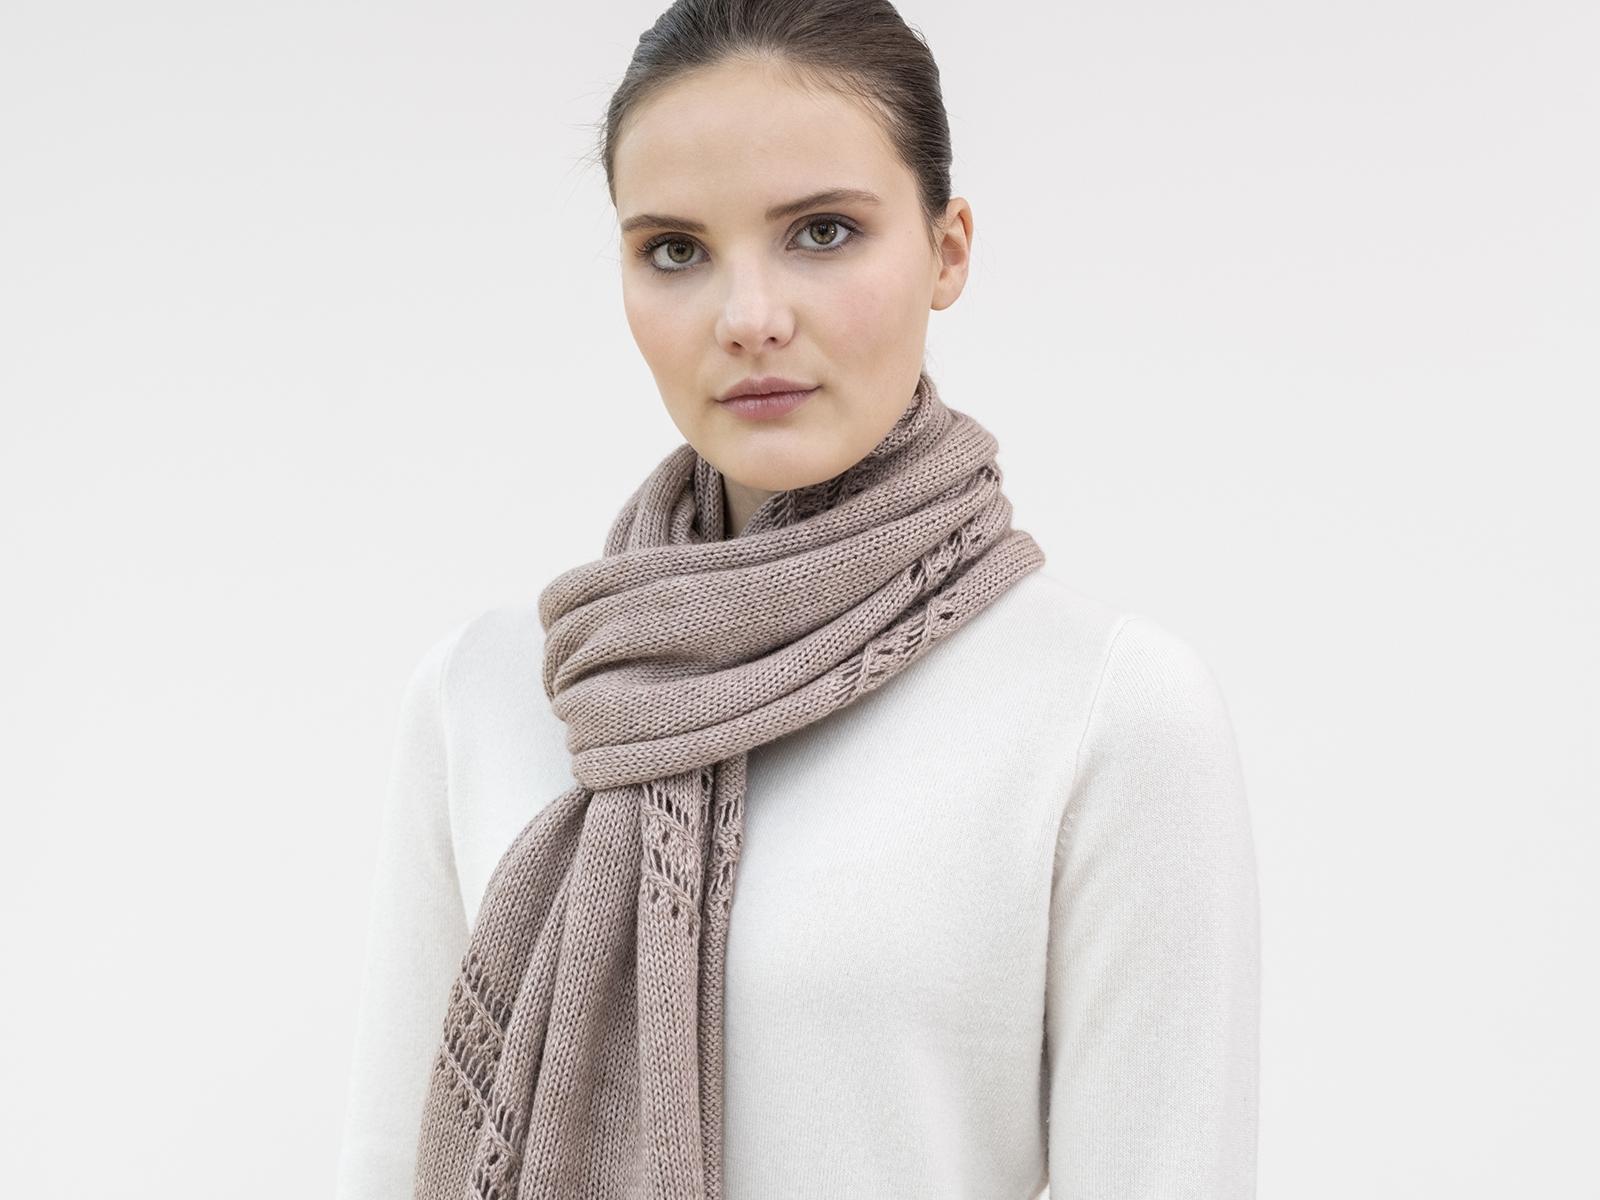 Adair - Knitting pattern by Julie Hoover